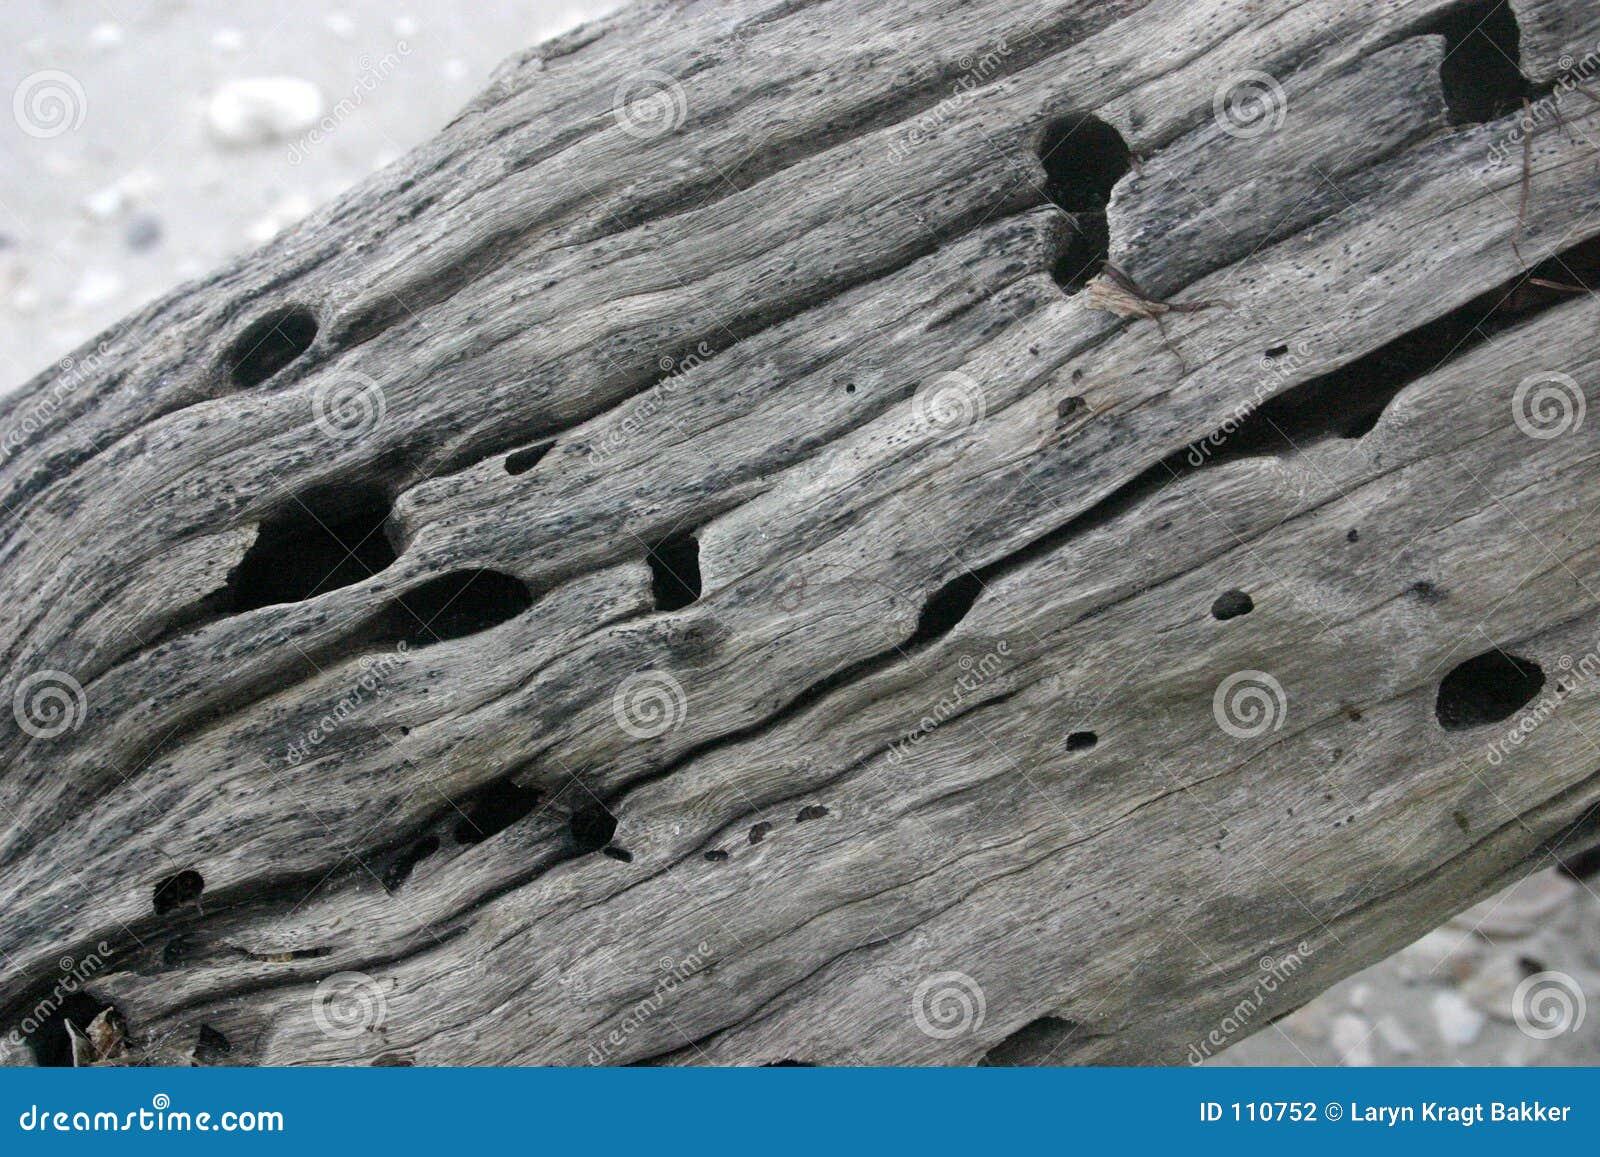 Drift wood texture